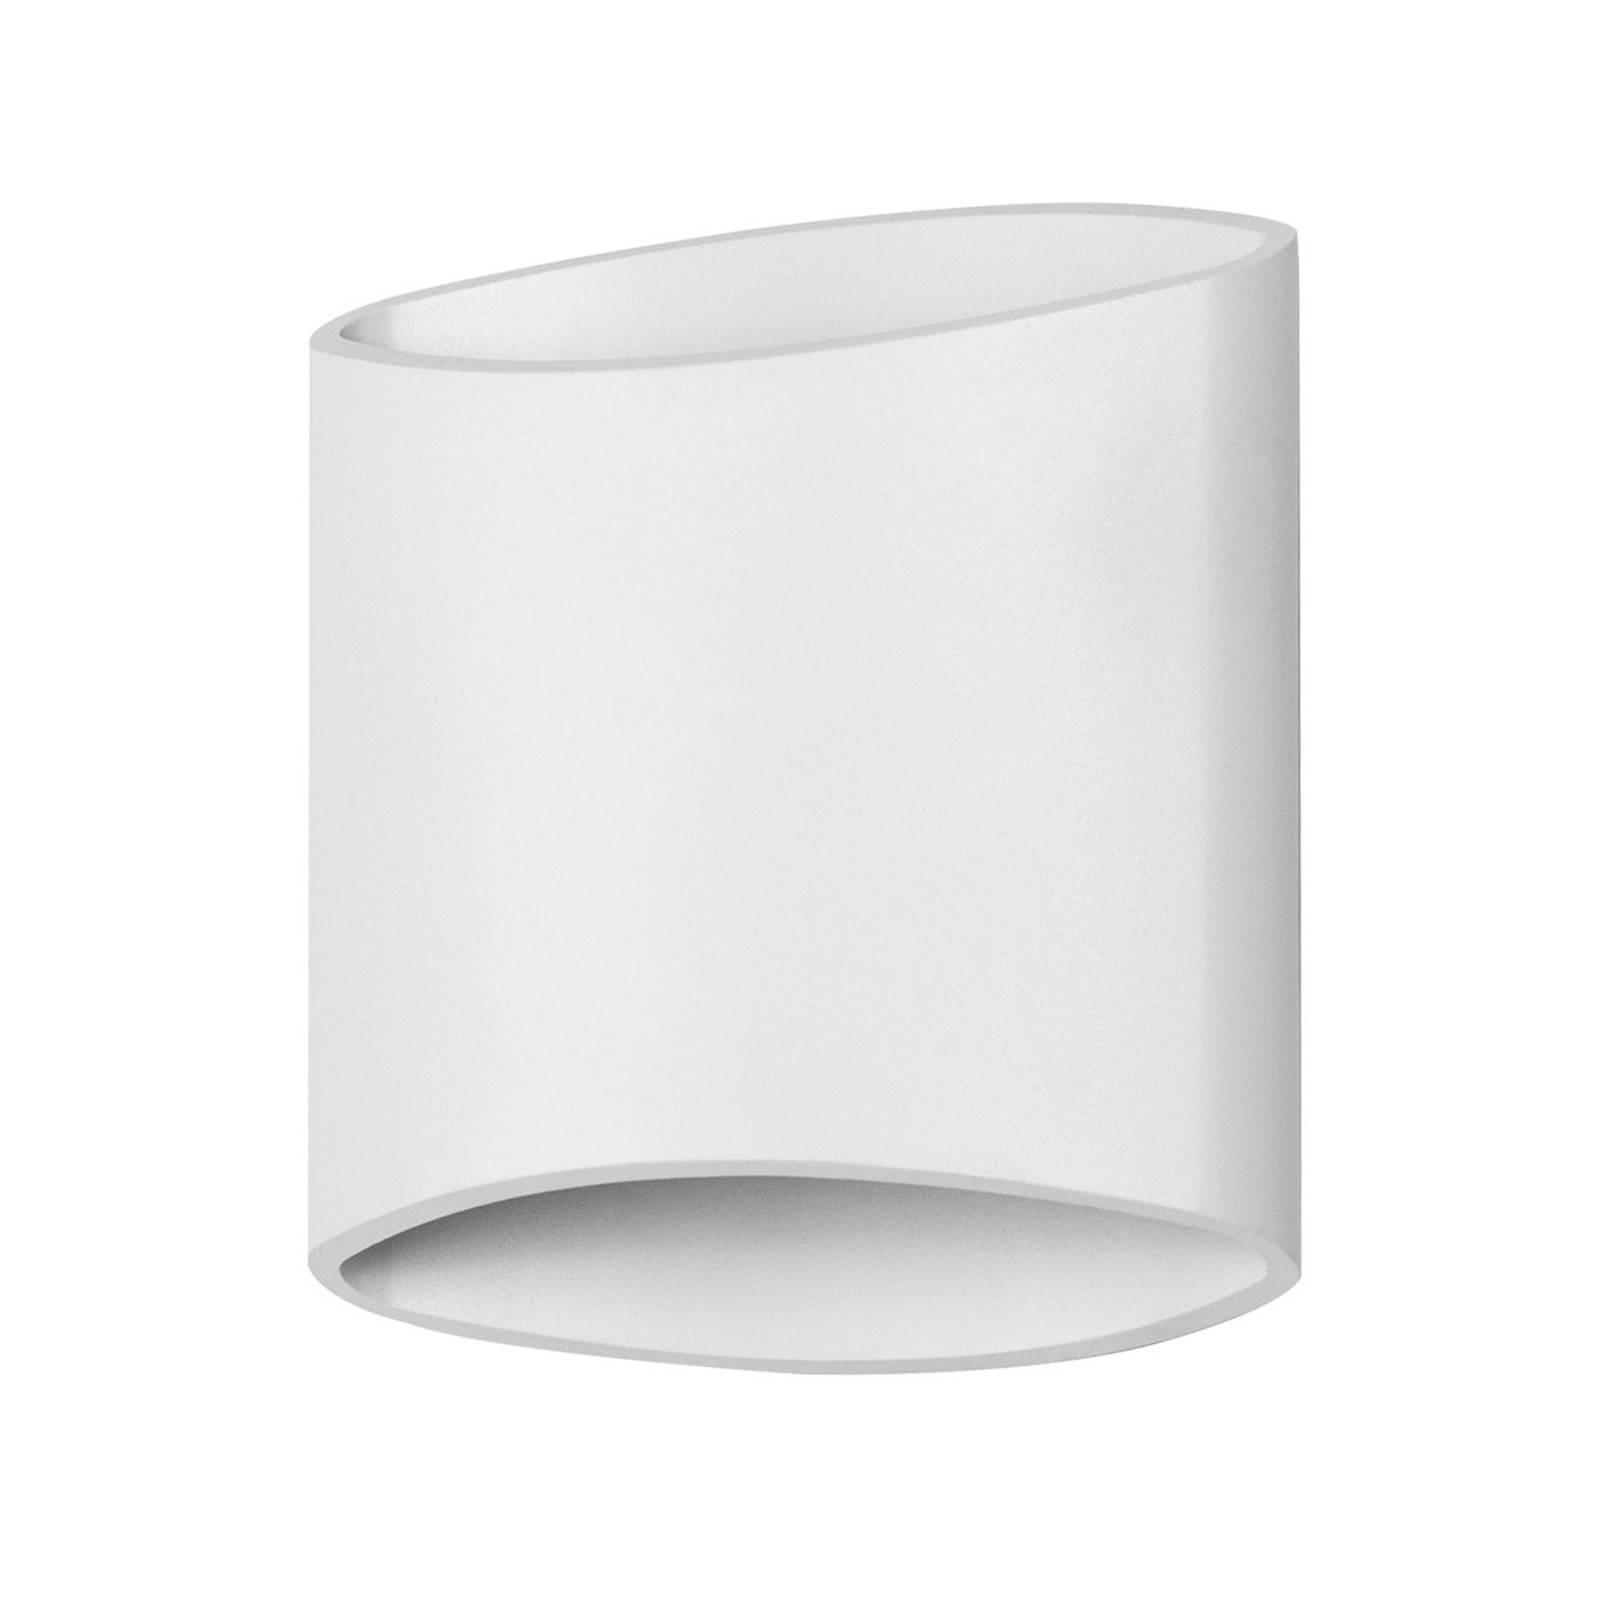 BRUMBERG 10090 LED-Wandleuchte, weiß